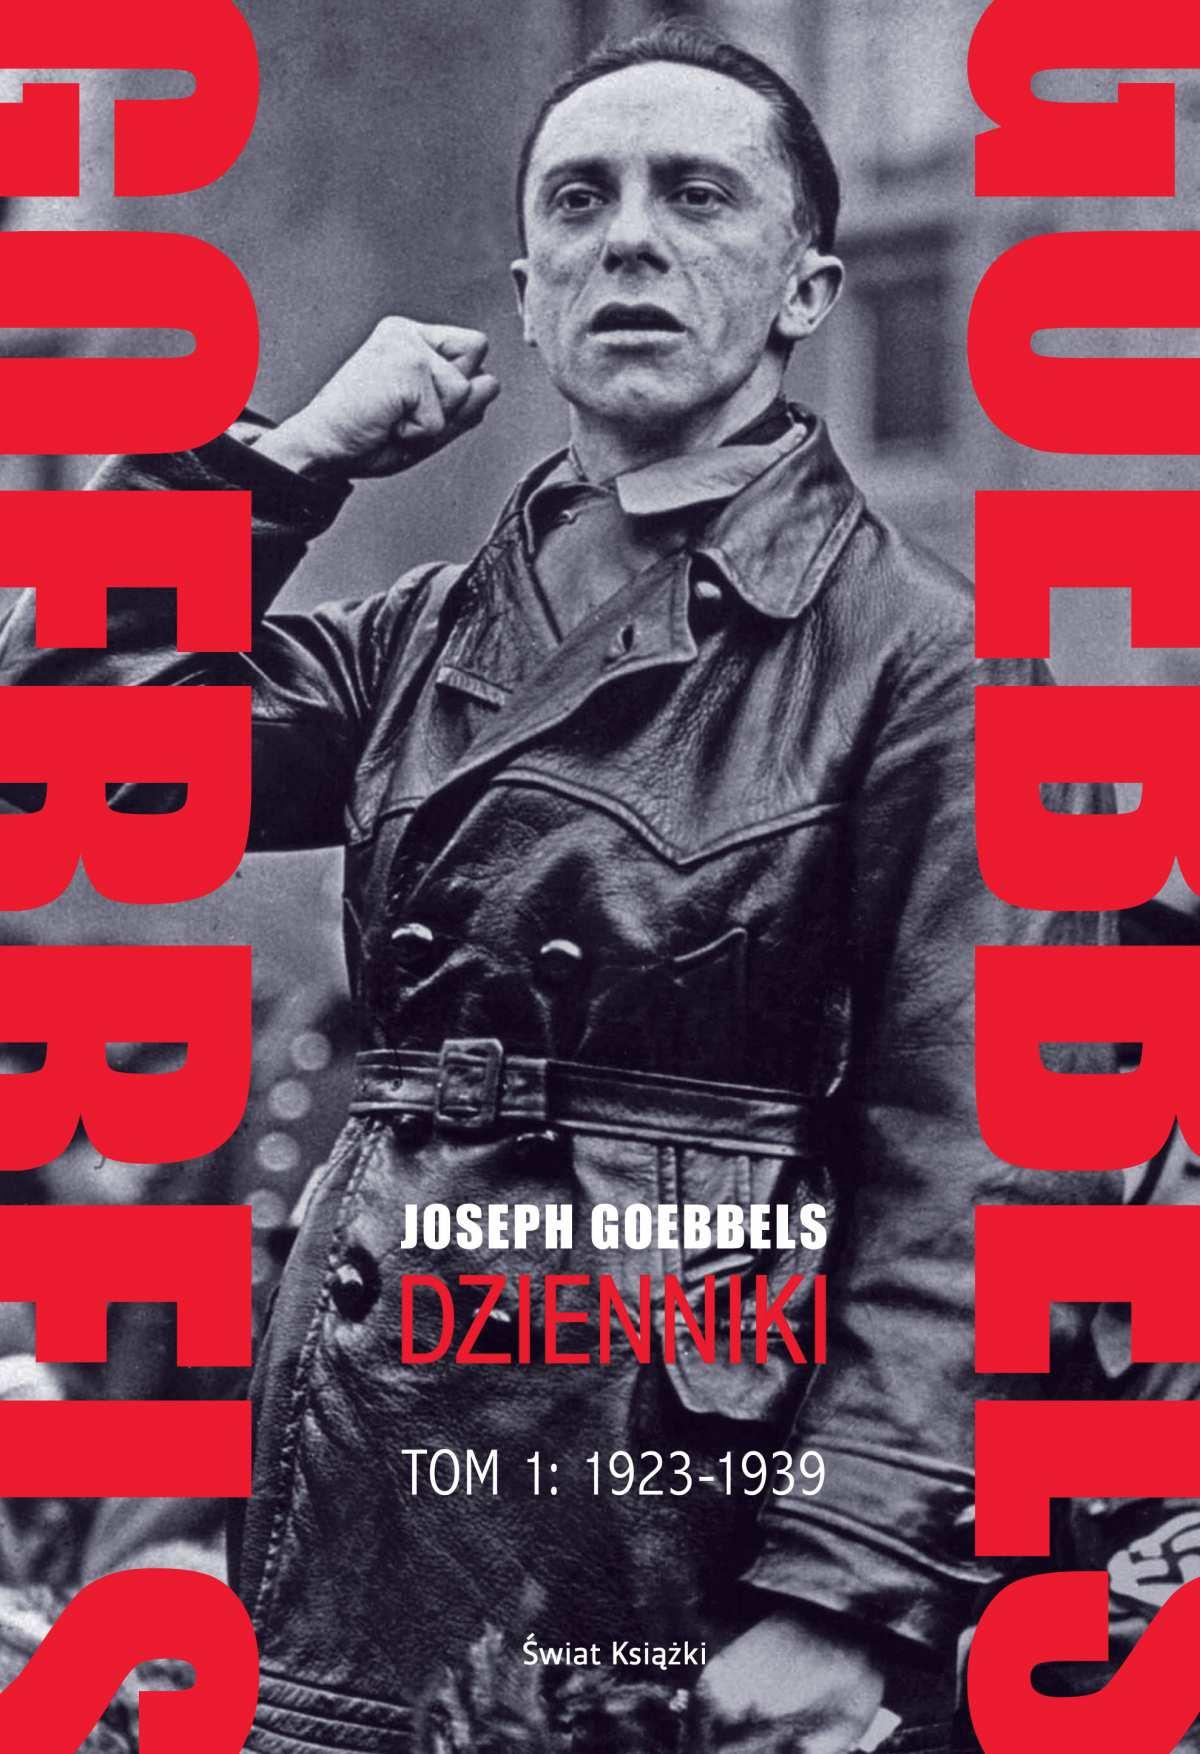 Dzienniki Goebbelsa - Ebook (Książka EPUB) do pobrania w formacie EPUB